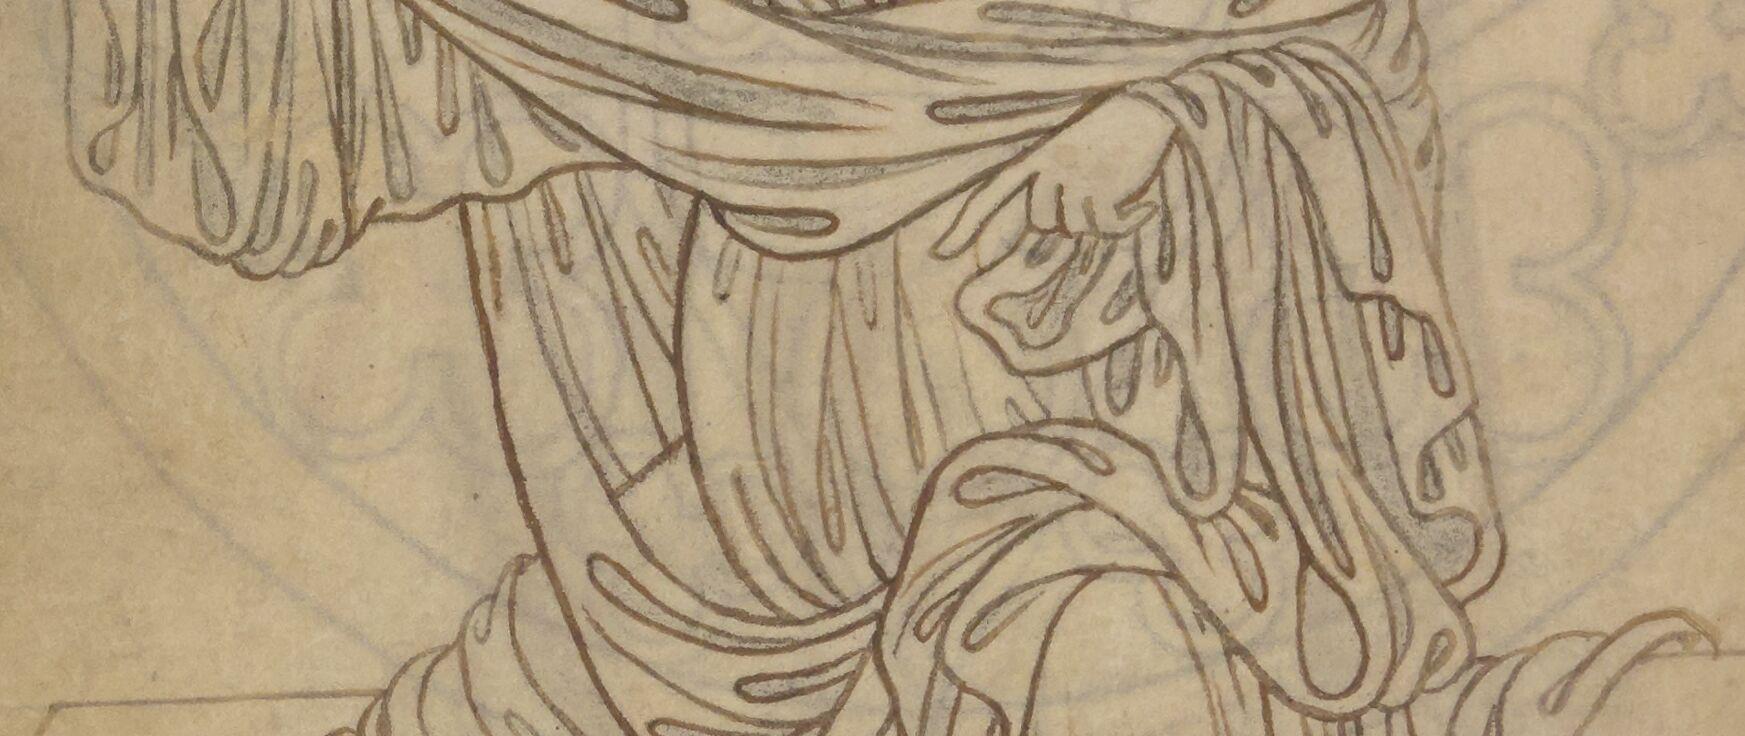 Villard's drapery